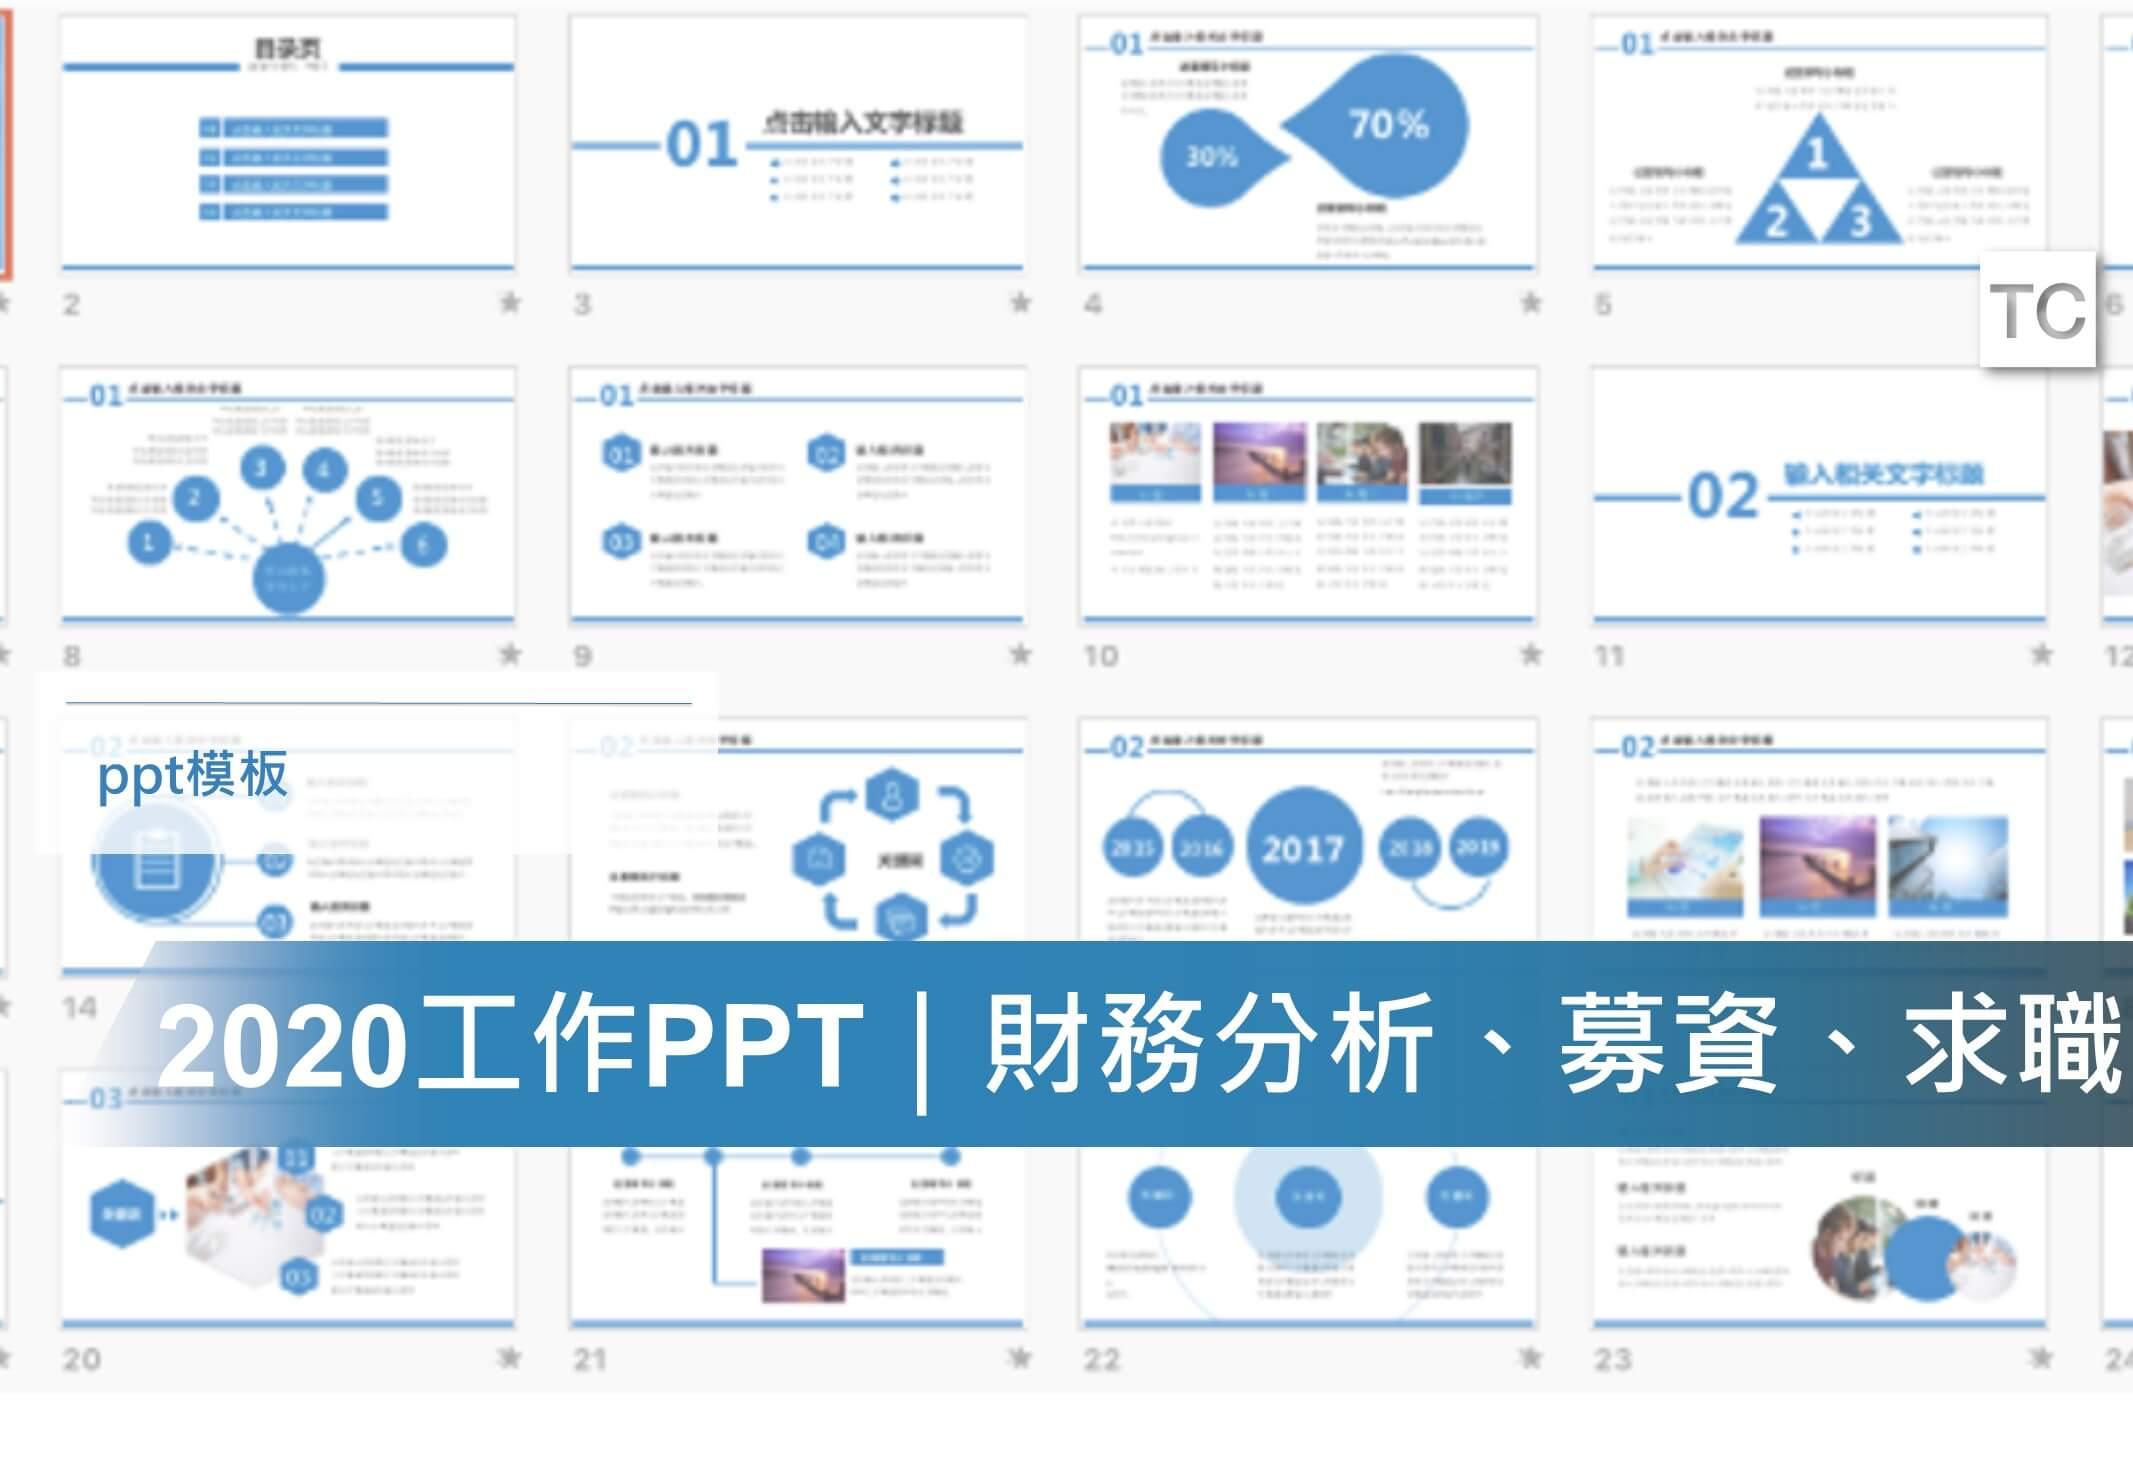 2020工作PPT模板大全 職場必備模板整理:財務分析、募資簡報、求職模板並附上簡報教學